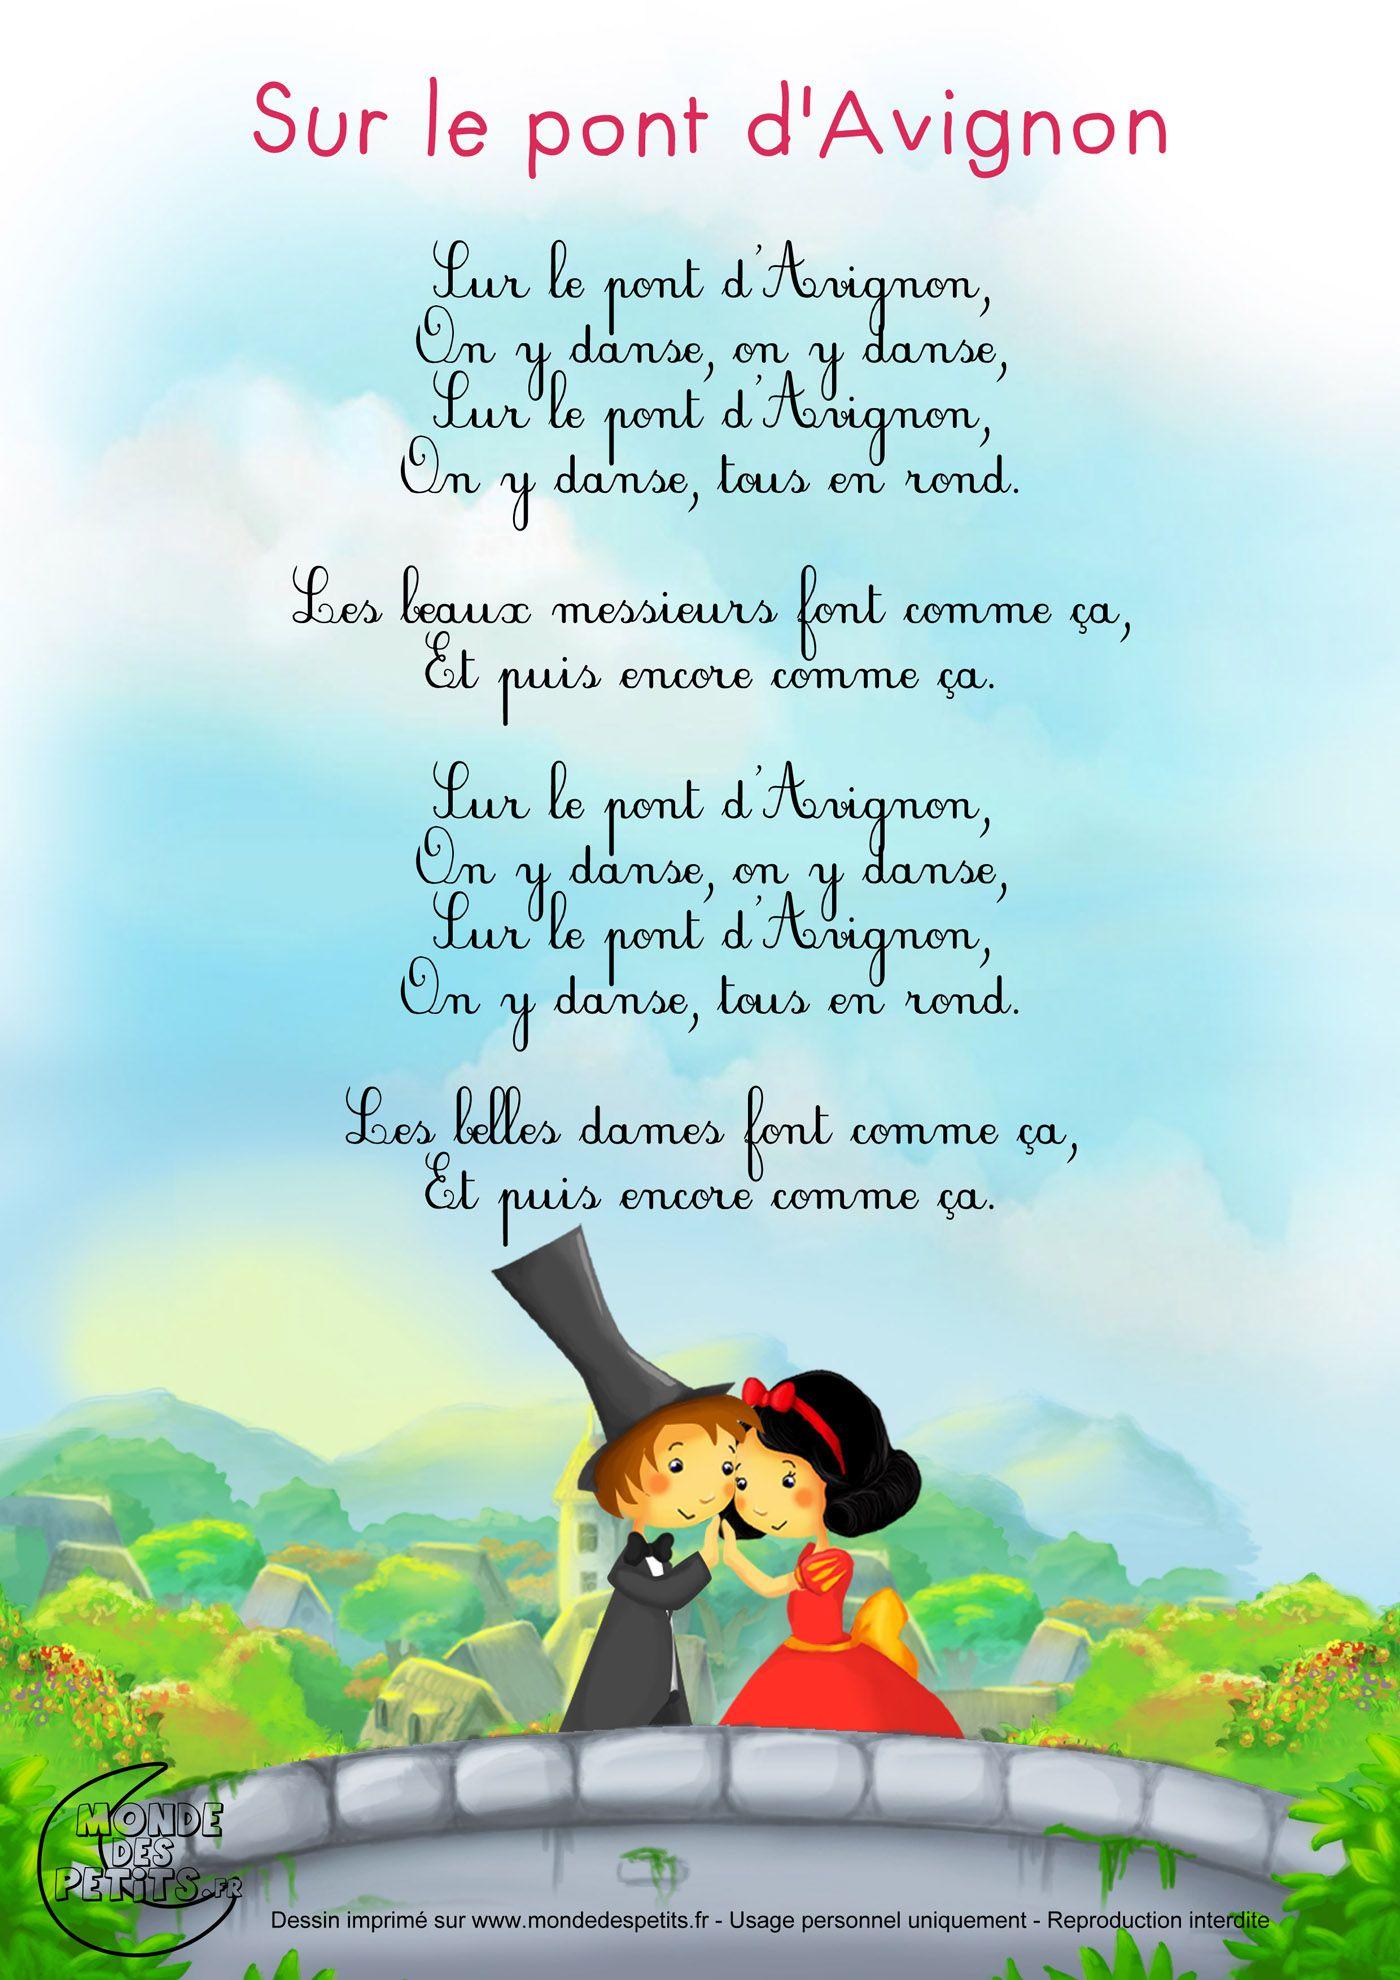 Toutes Les Chansons Du Monde : toutes, chansons, monde, Printable, Lyrics, D'Avignon